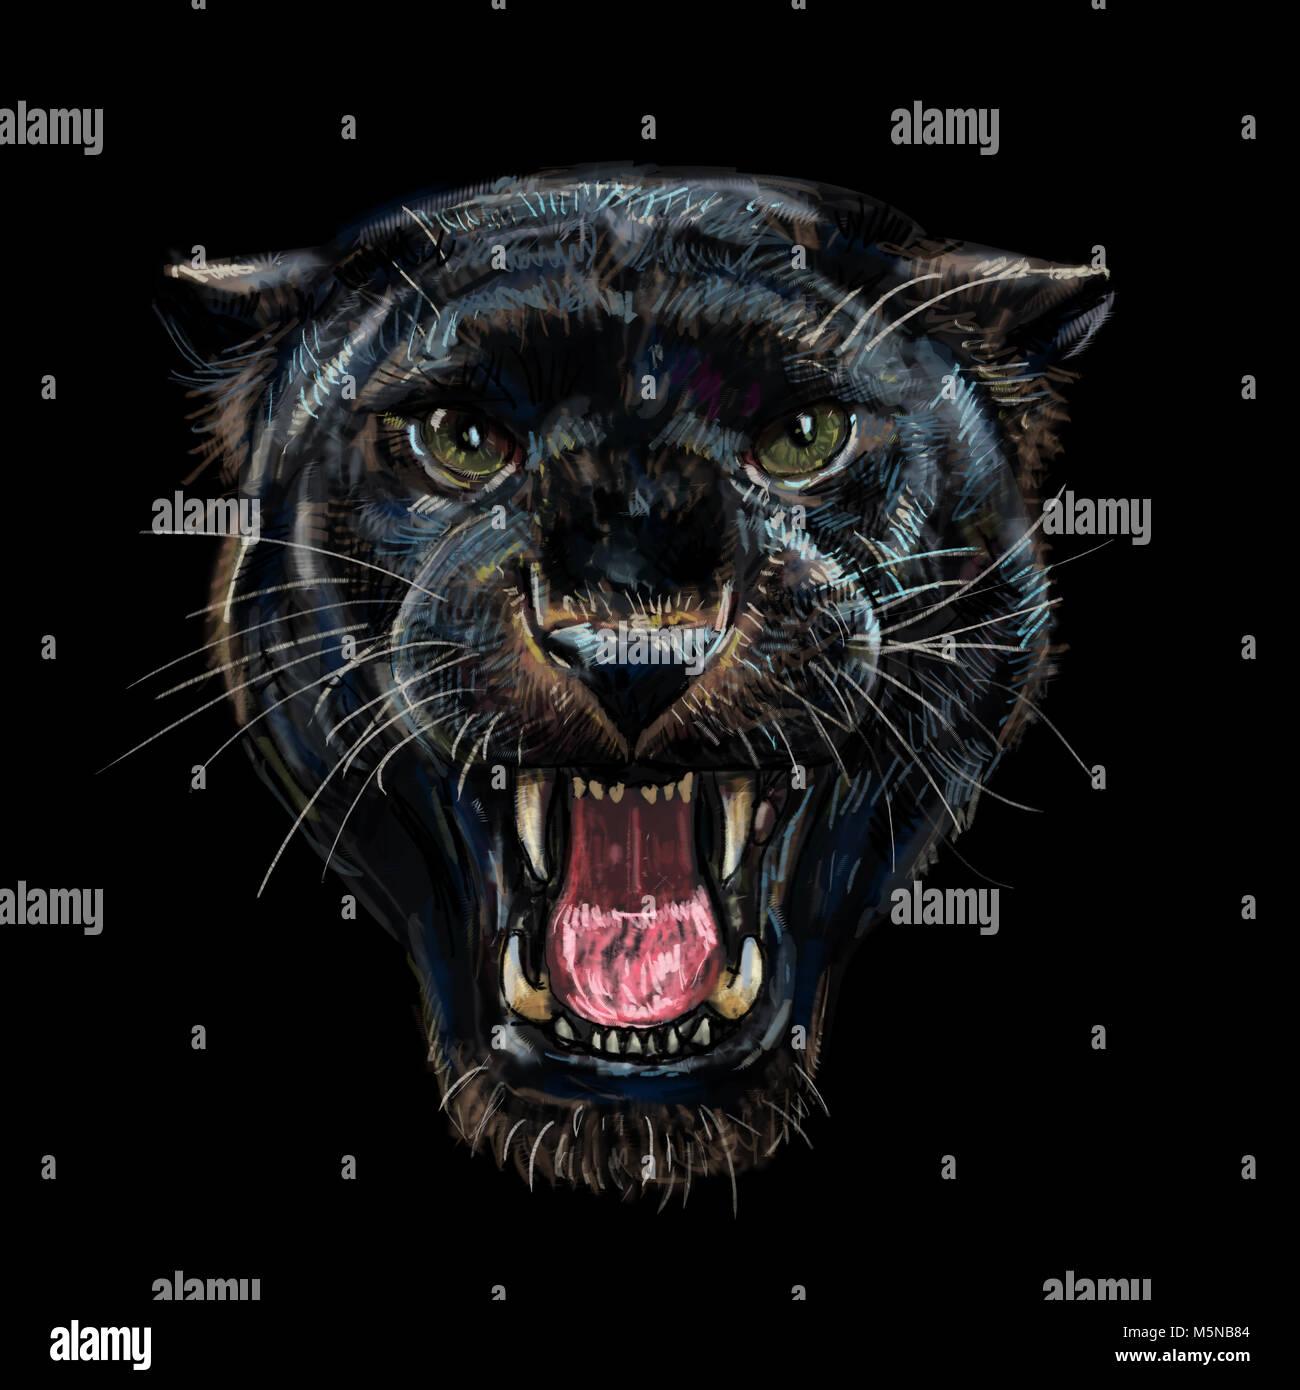 Black Jaguar Growl: Roaring Panthère Noire Sur Fond Noir,peinture Numérique